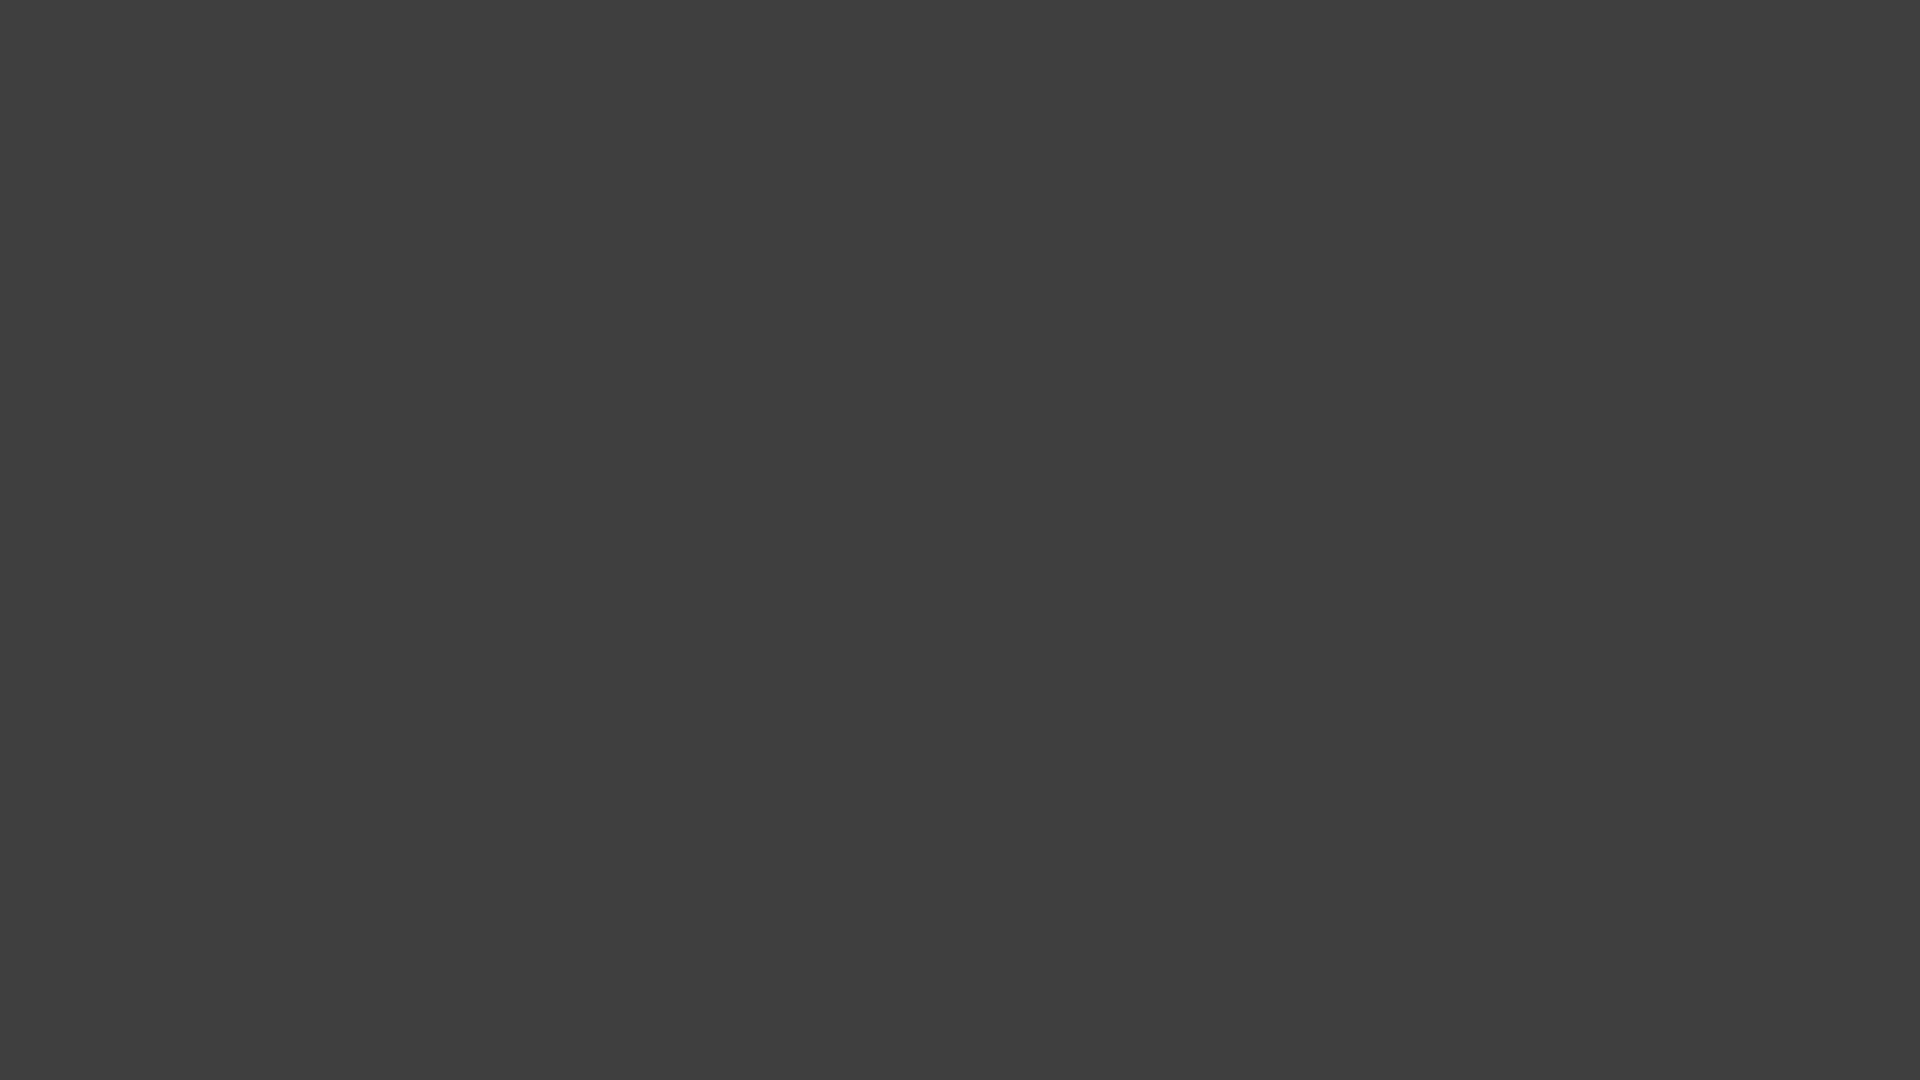 [몬채널][B] EP.188 '몬스타엑스의 지금은 휴가중' DAY1